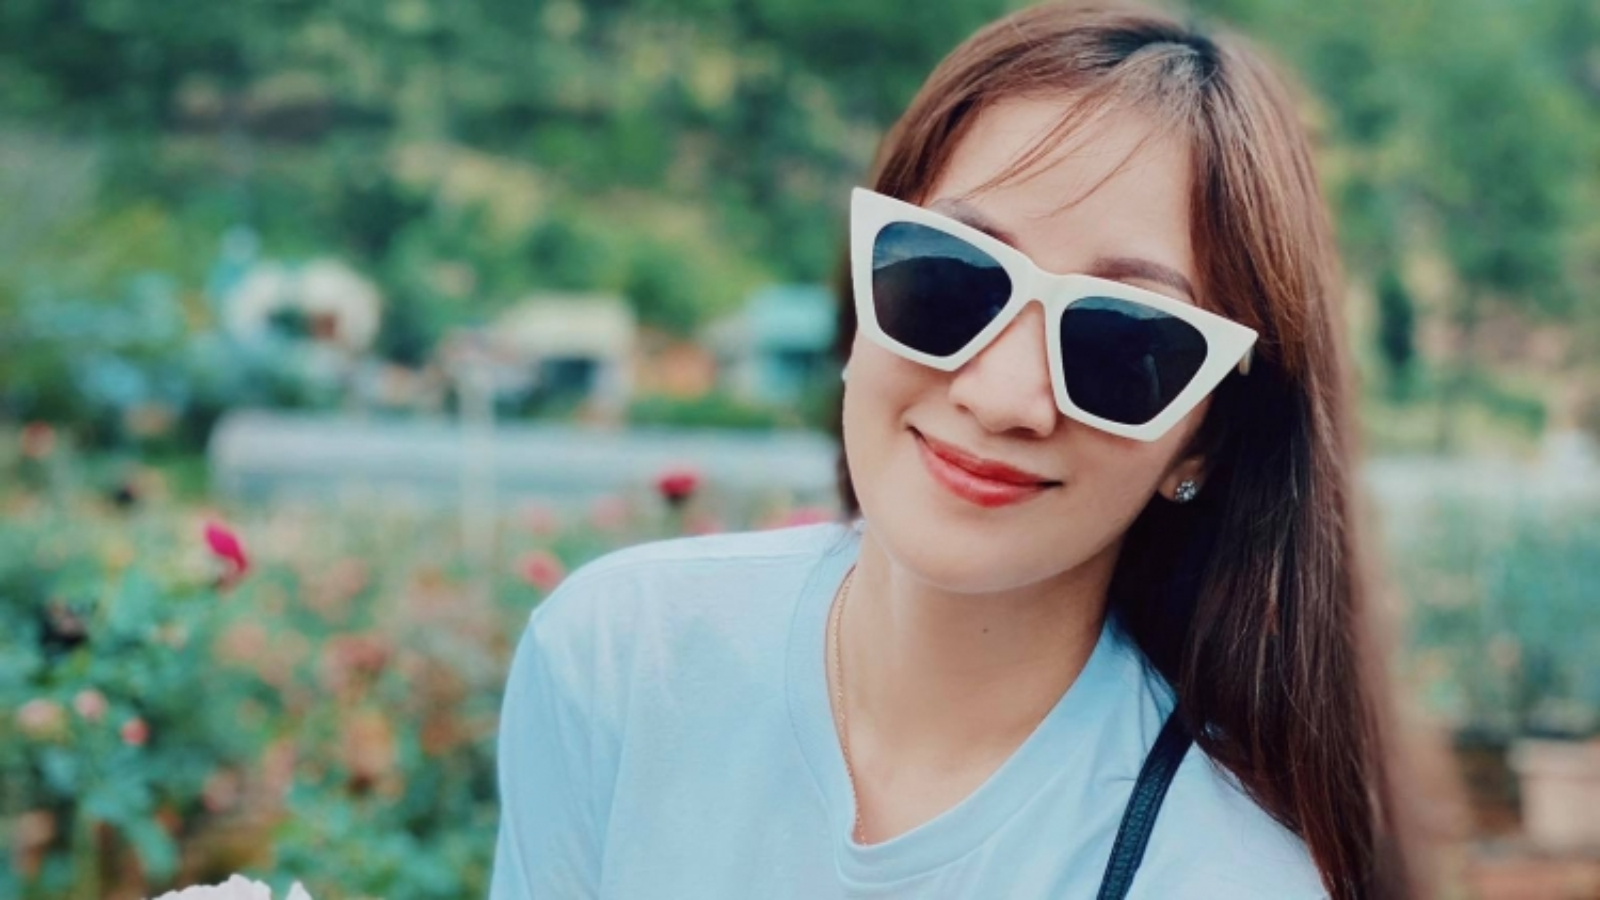 """Chuyện showbiz: Khánh Thi ngọt ngào hỏi Phan Hiển """"Anh có thích làm chồng em không?"""""""